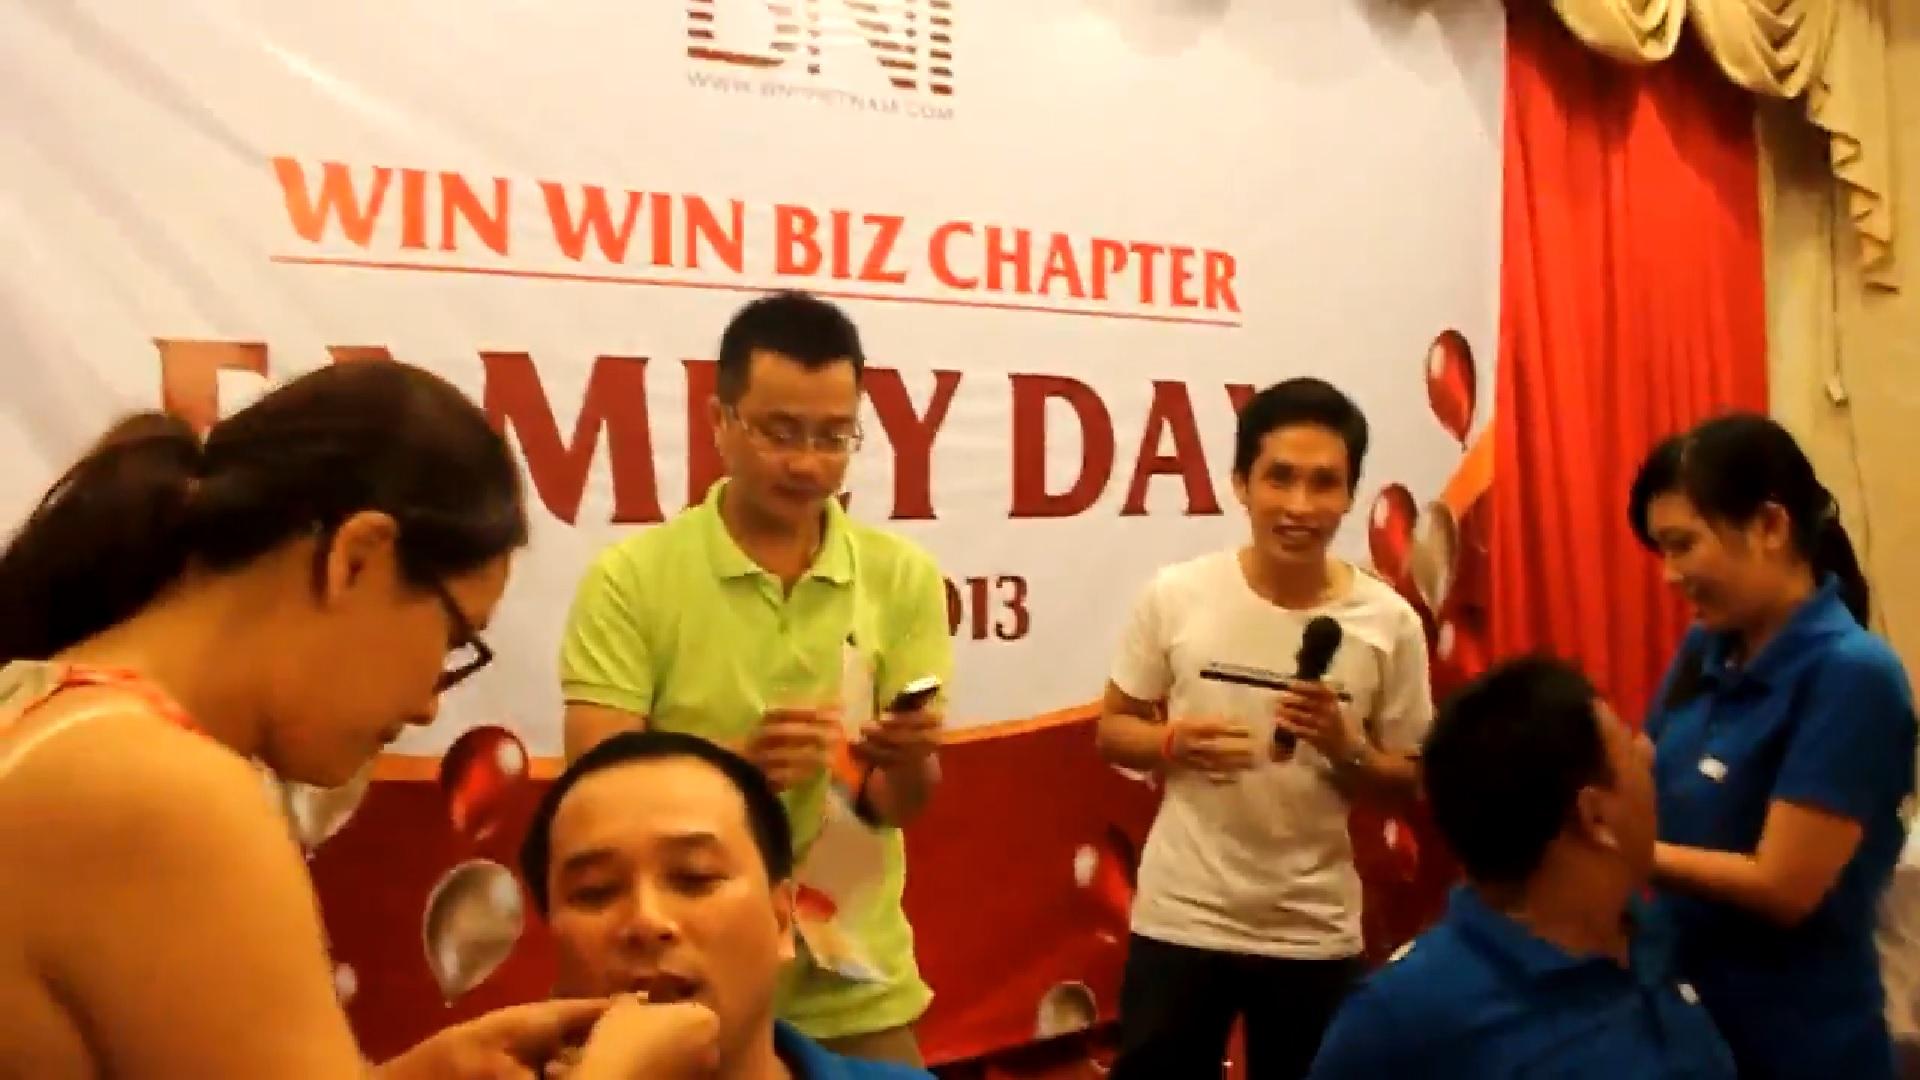 BNI Viet Nam Family Day [Win Win Biz Chapter]